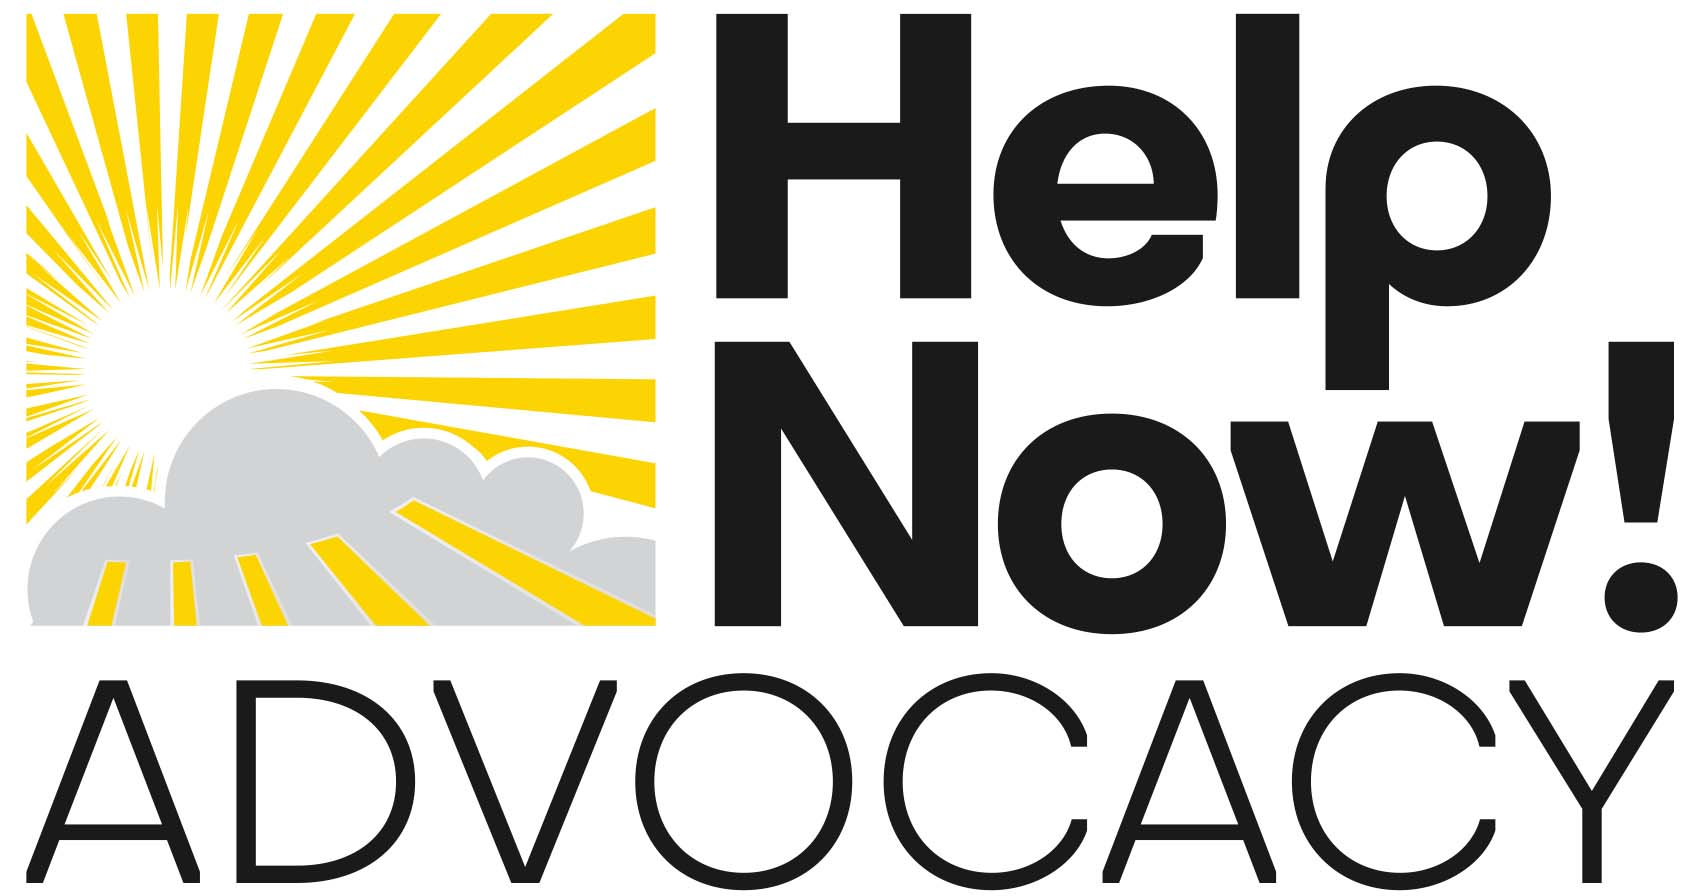 Help Now! Advocacy